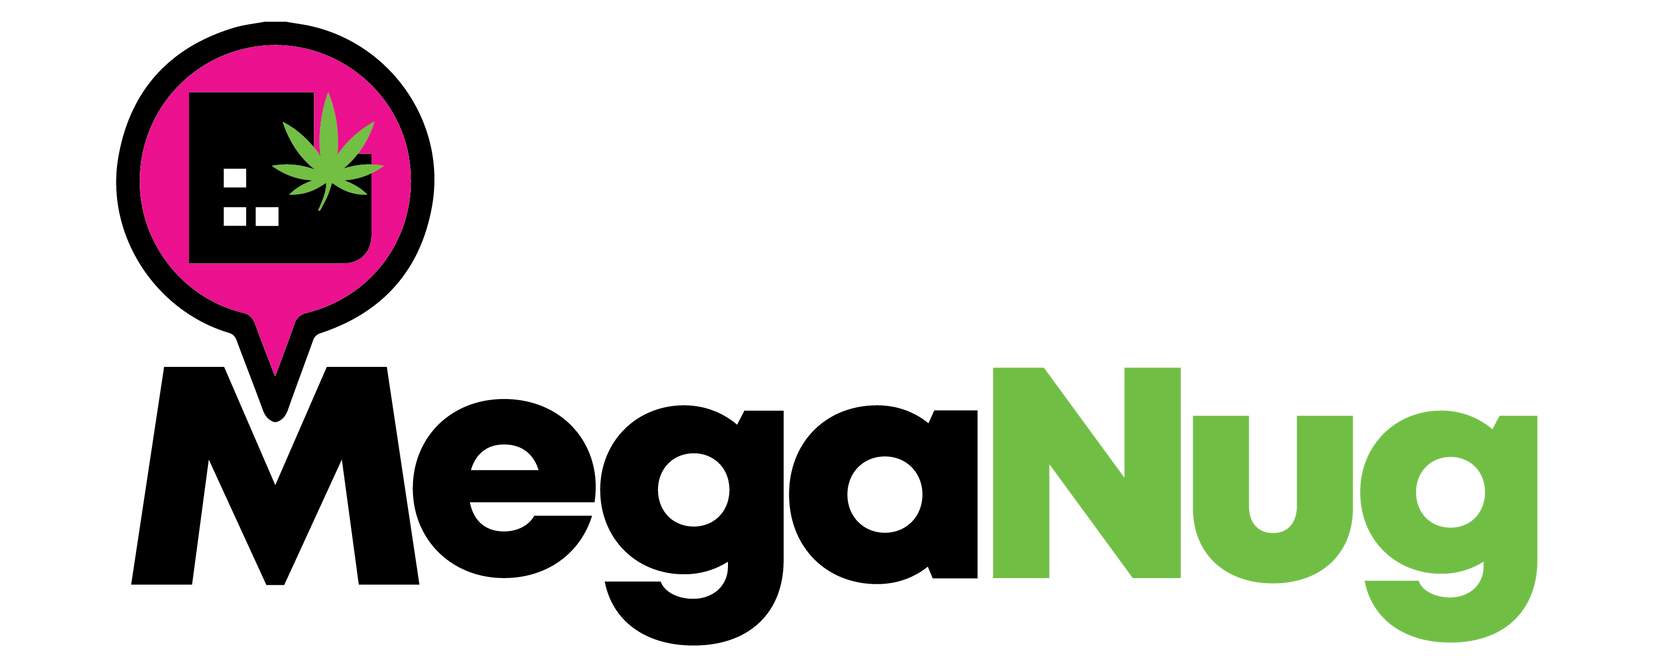 meganug-logo-02-02.png